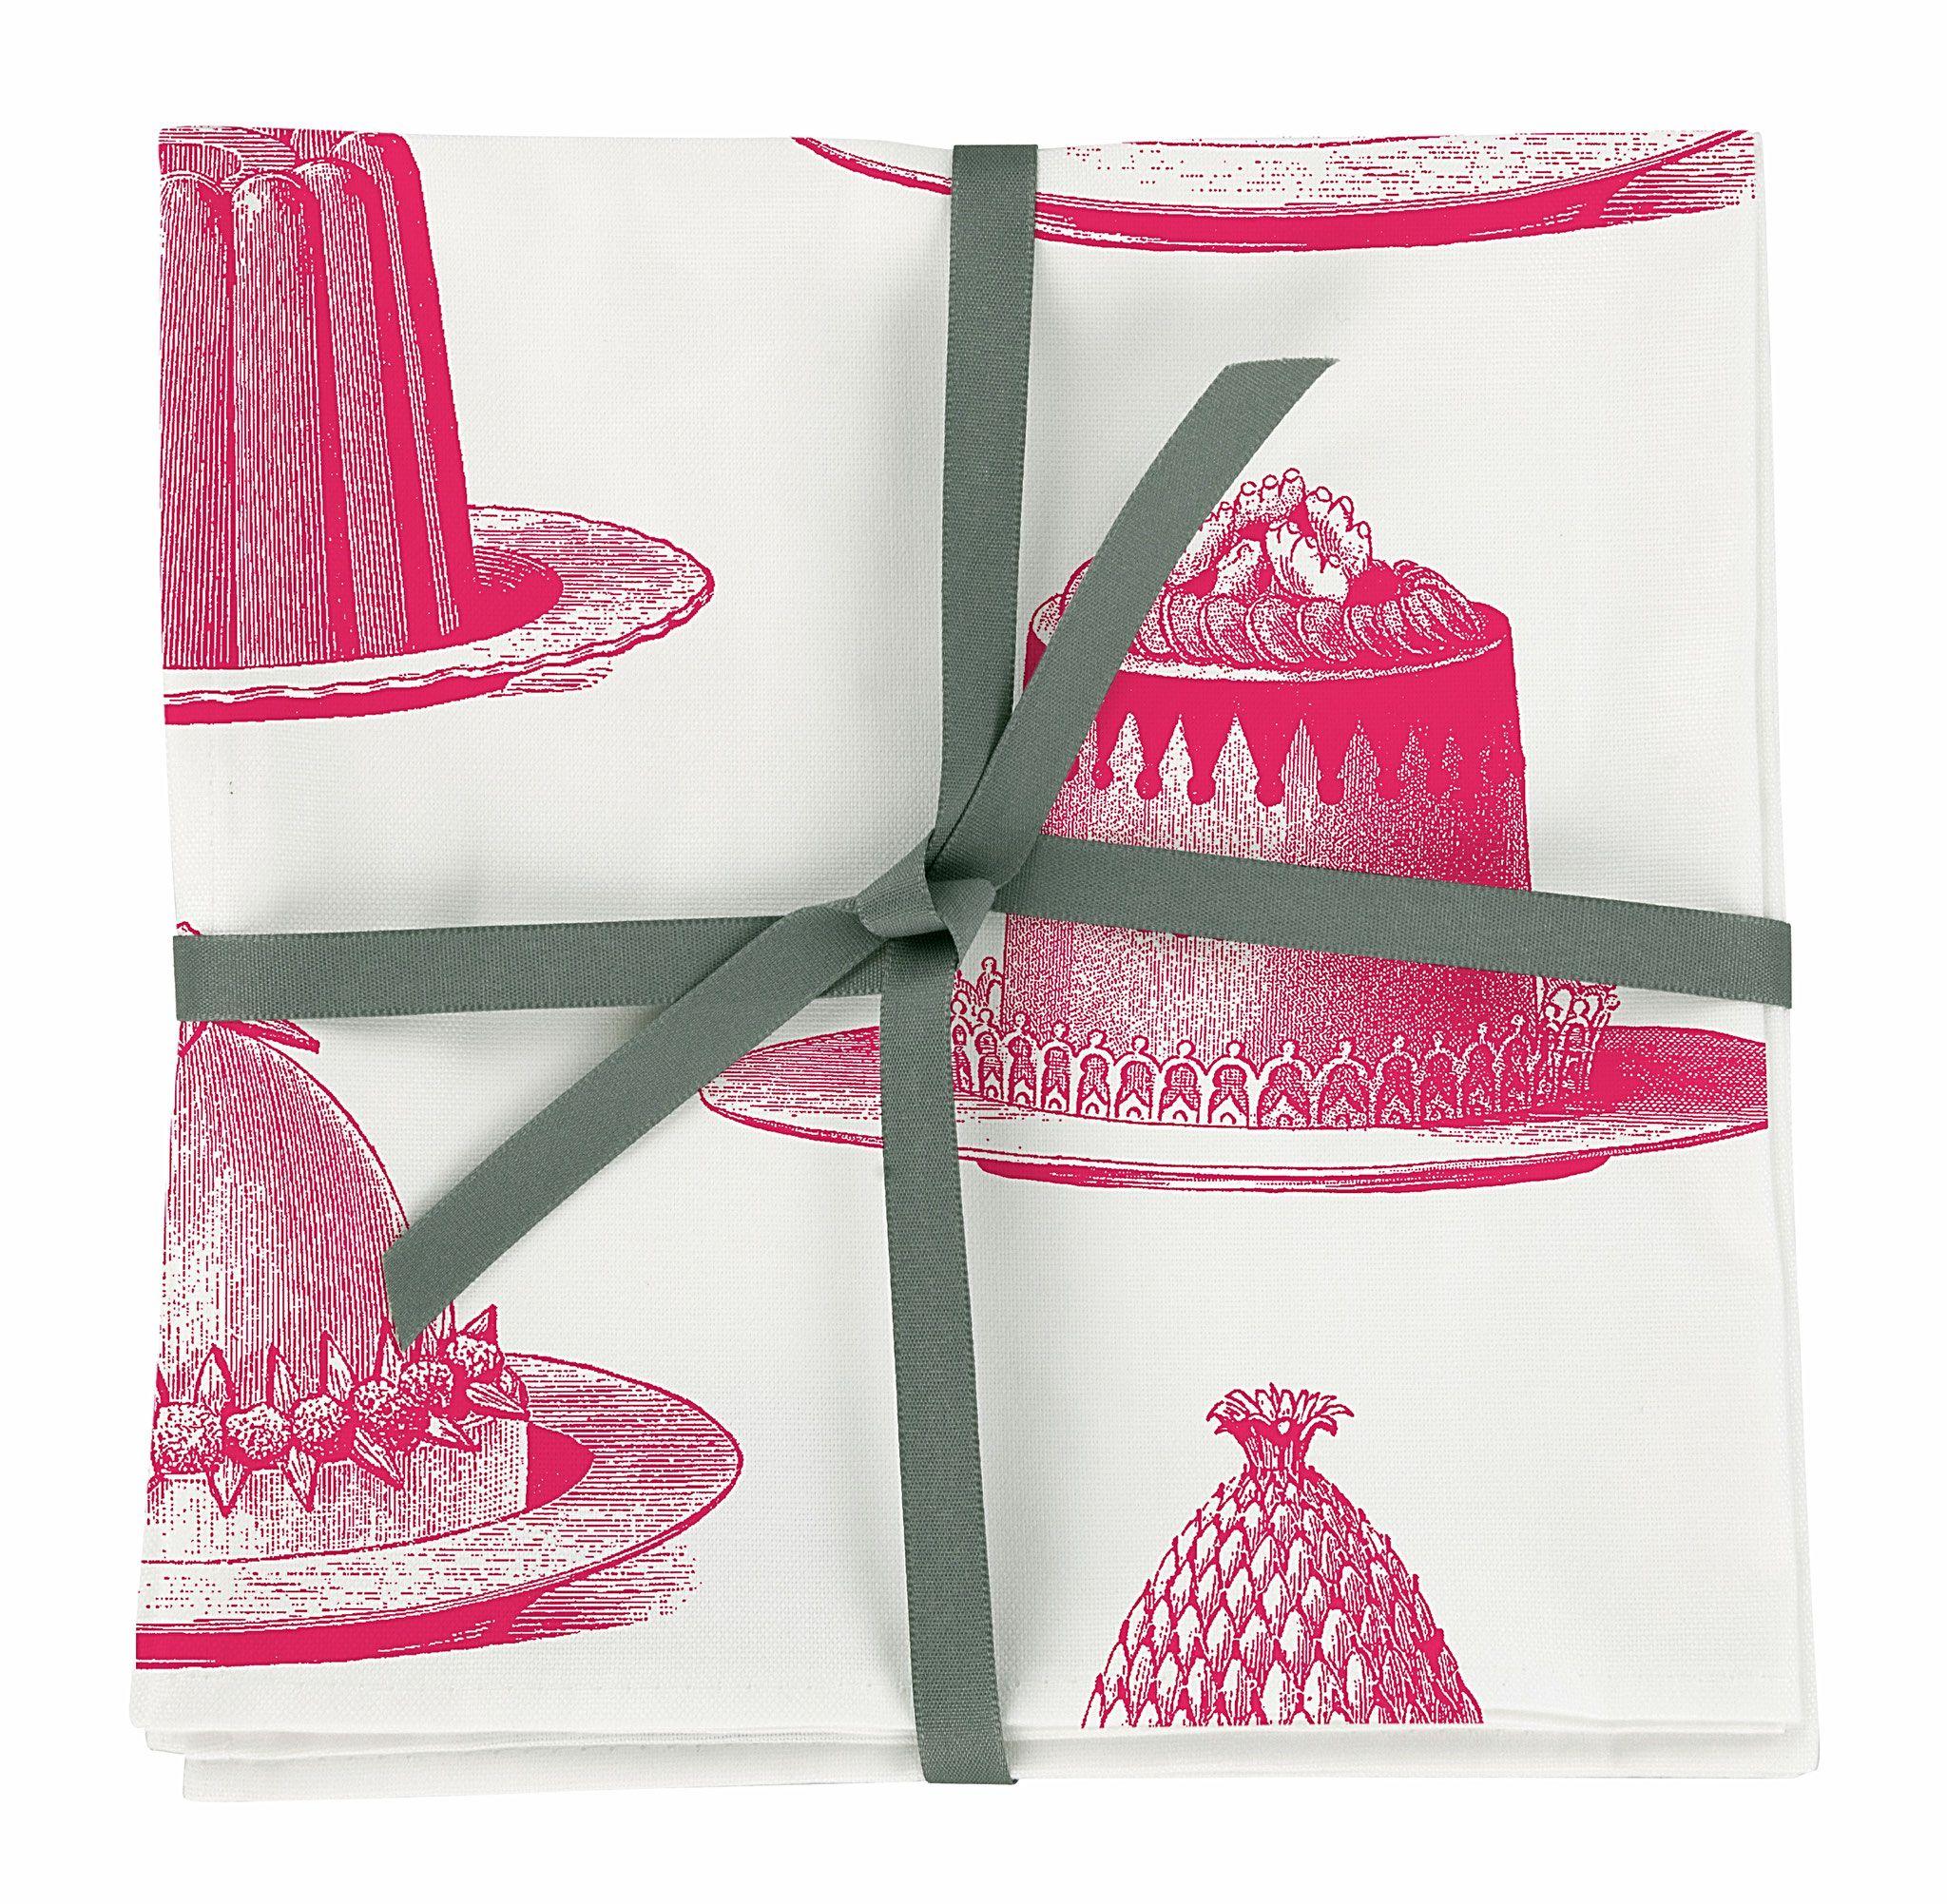 Genial Pinke Küche Dekoration Von Ausgefallen Bedruckte Baumwoll Servietten Sets Mit Pinken